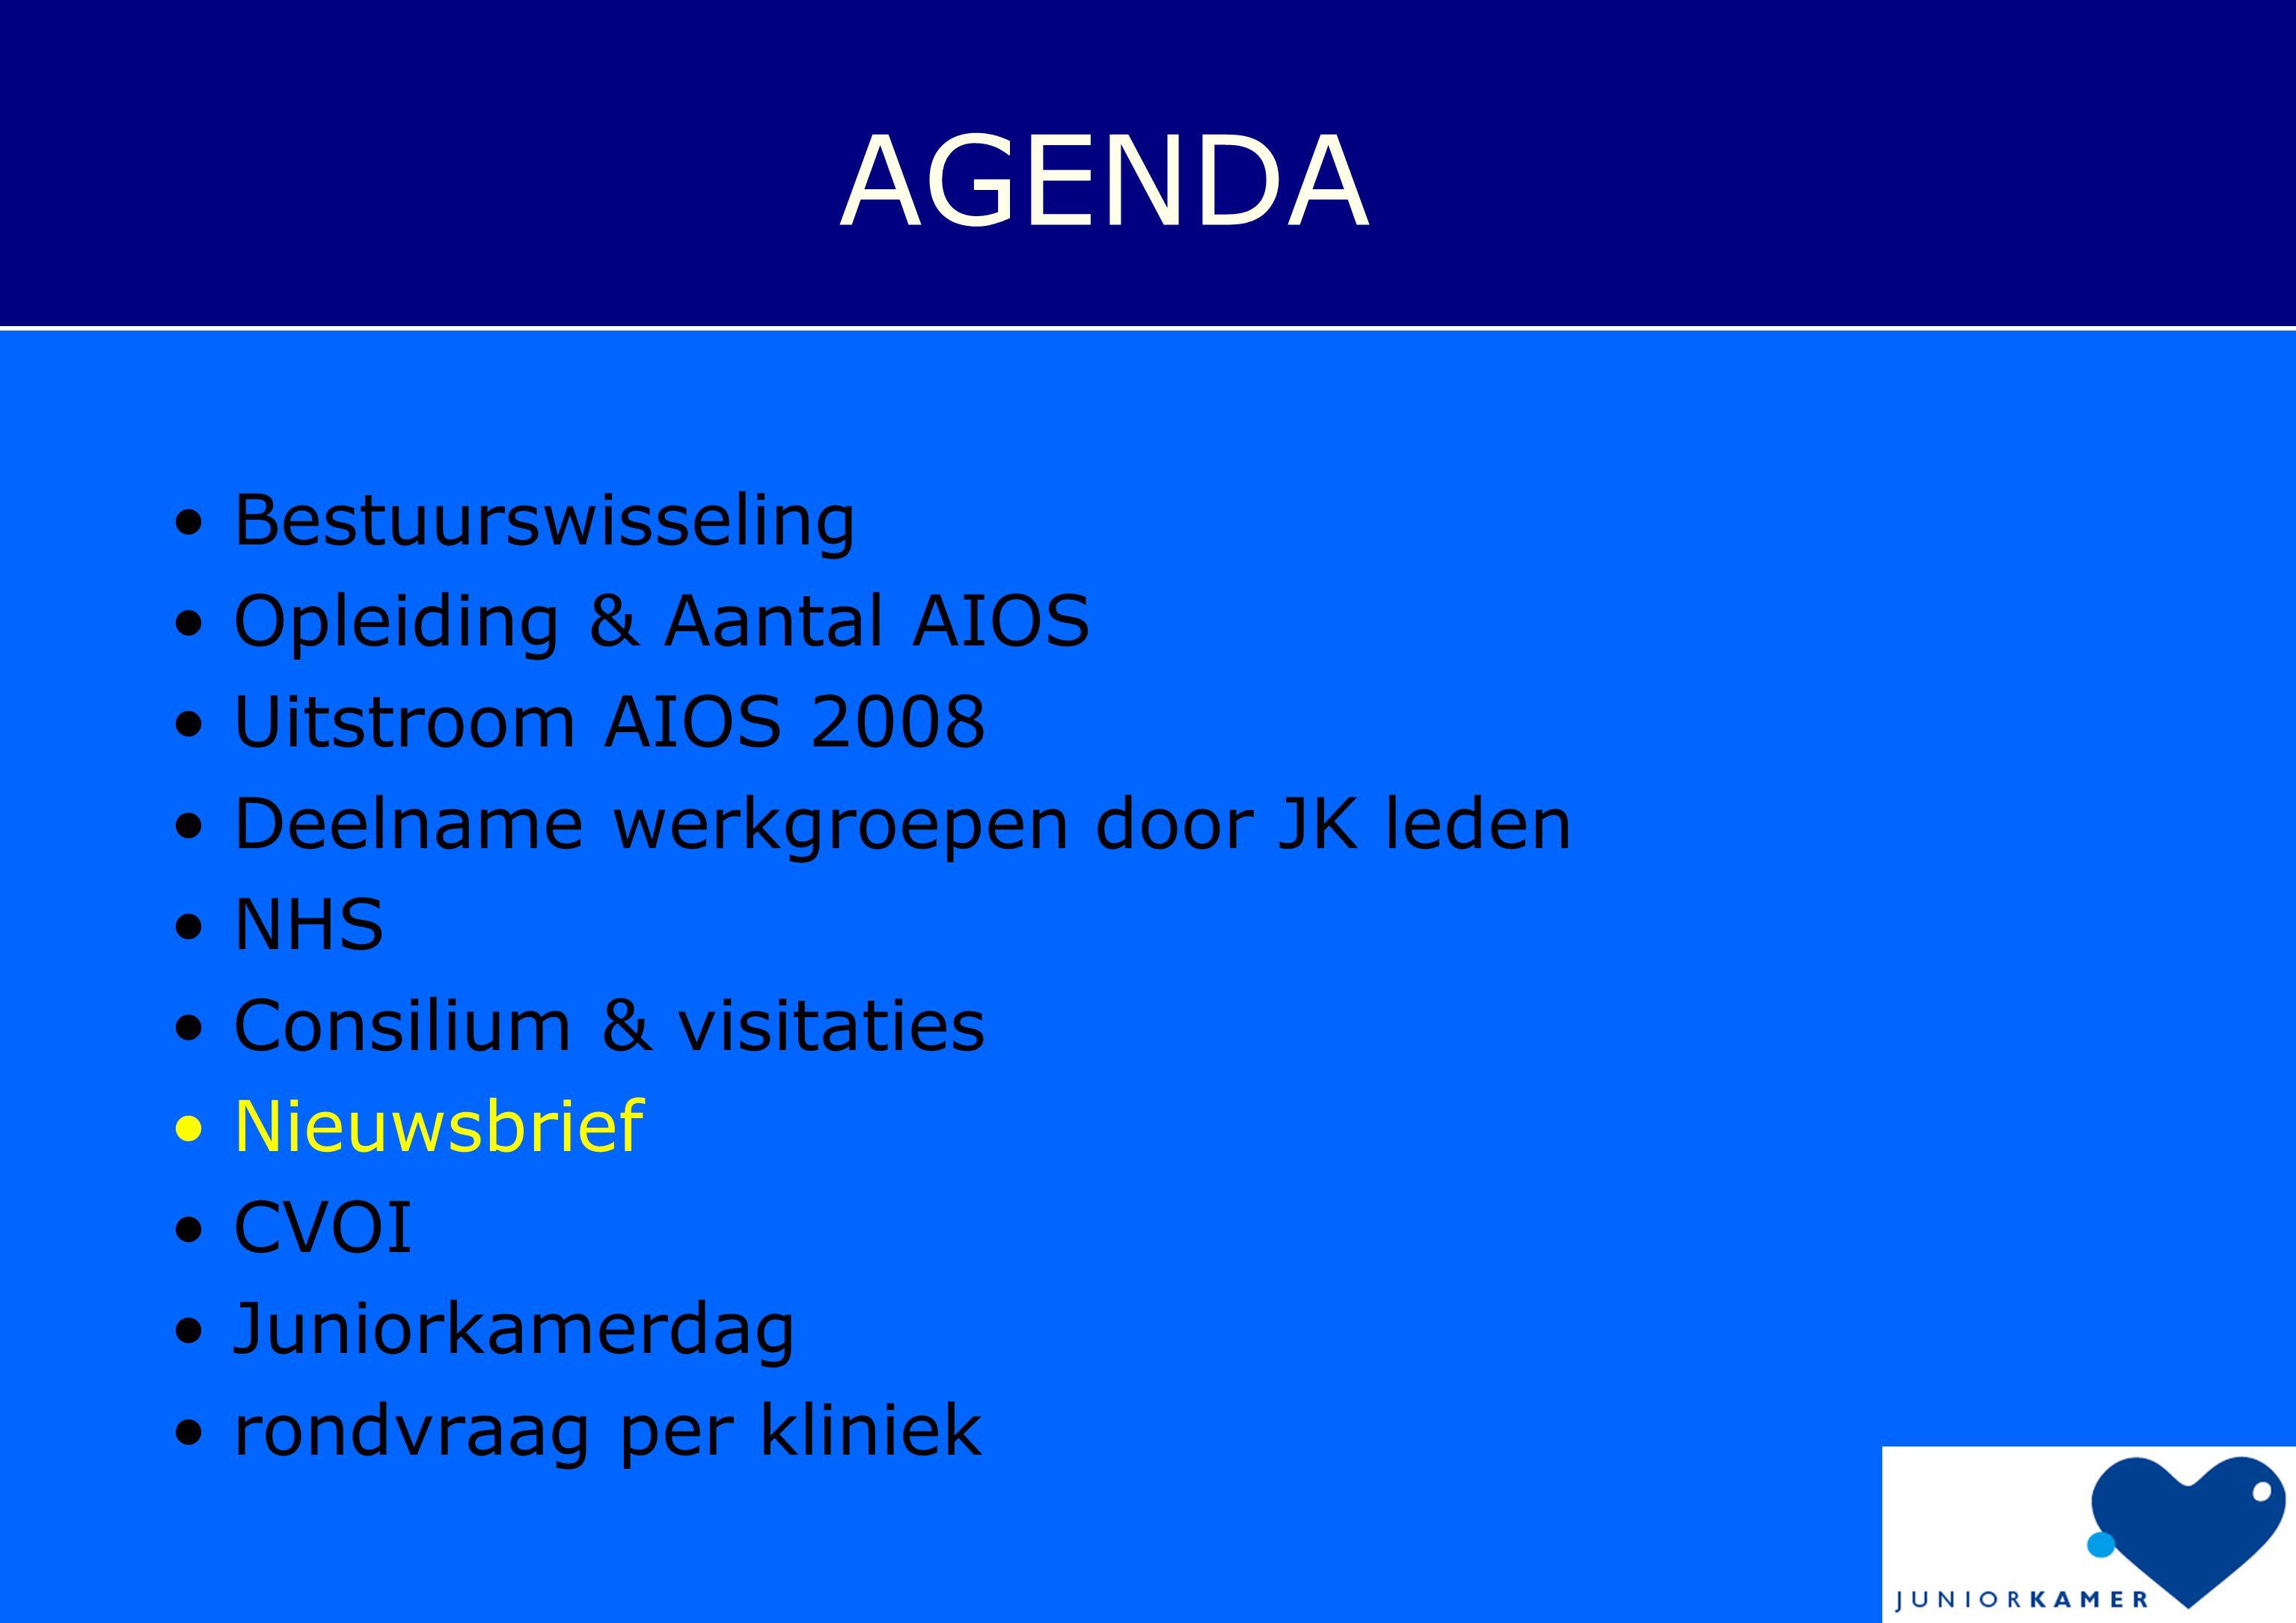 AGENDA • Bestuurswisseling • Opleiding & Aantal AIOS • Uitstroom AIOS 2008 • Deelname werkgroepen door JK leden • NHS • Consilium & visitaties • Nieuw